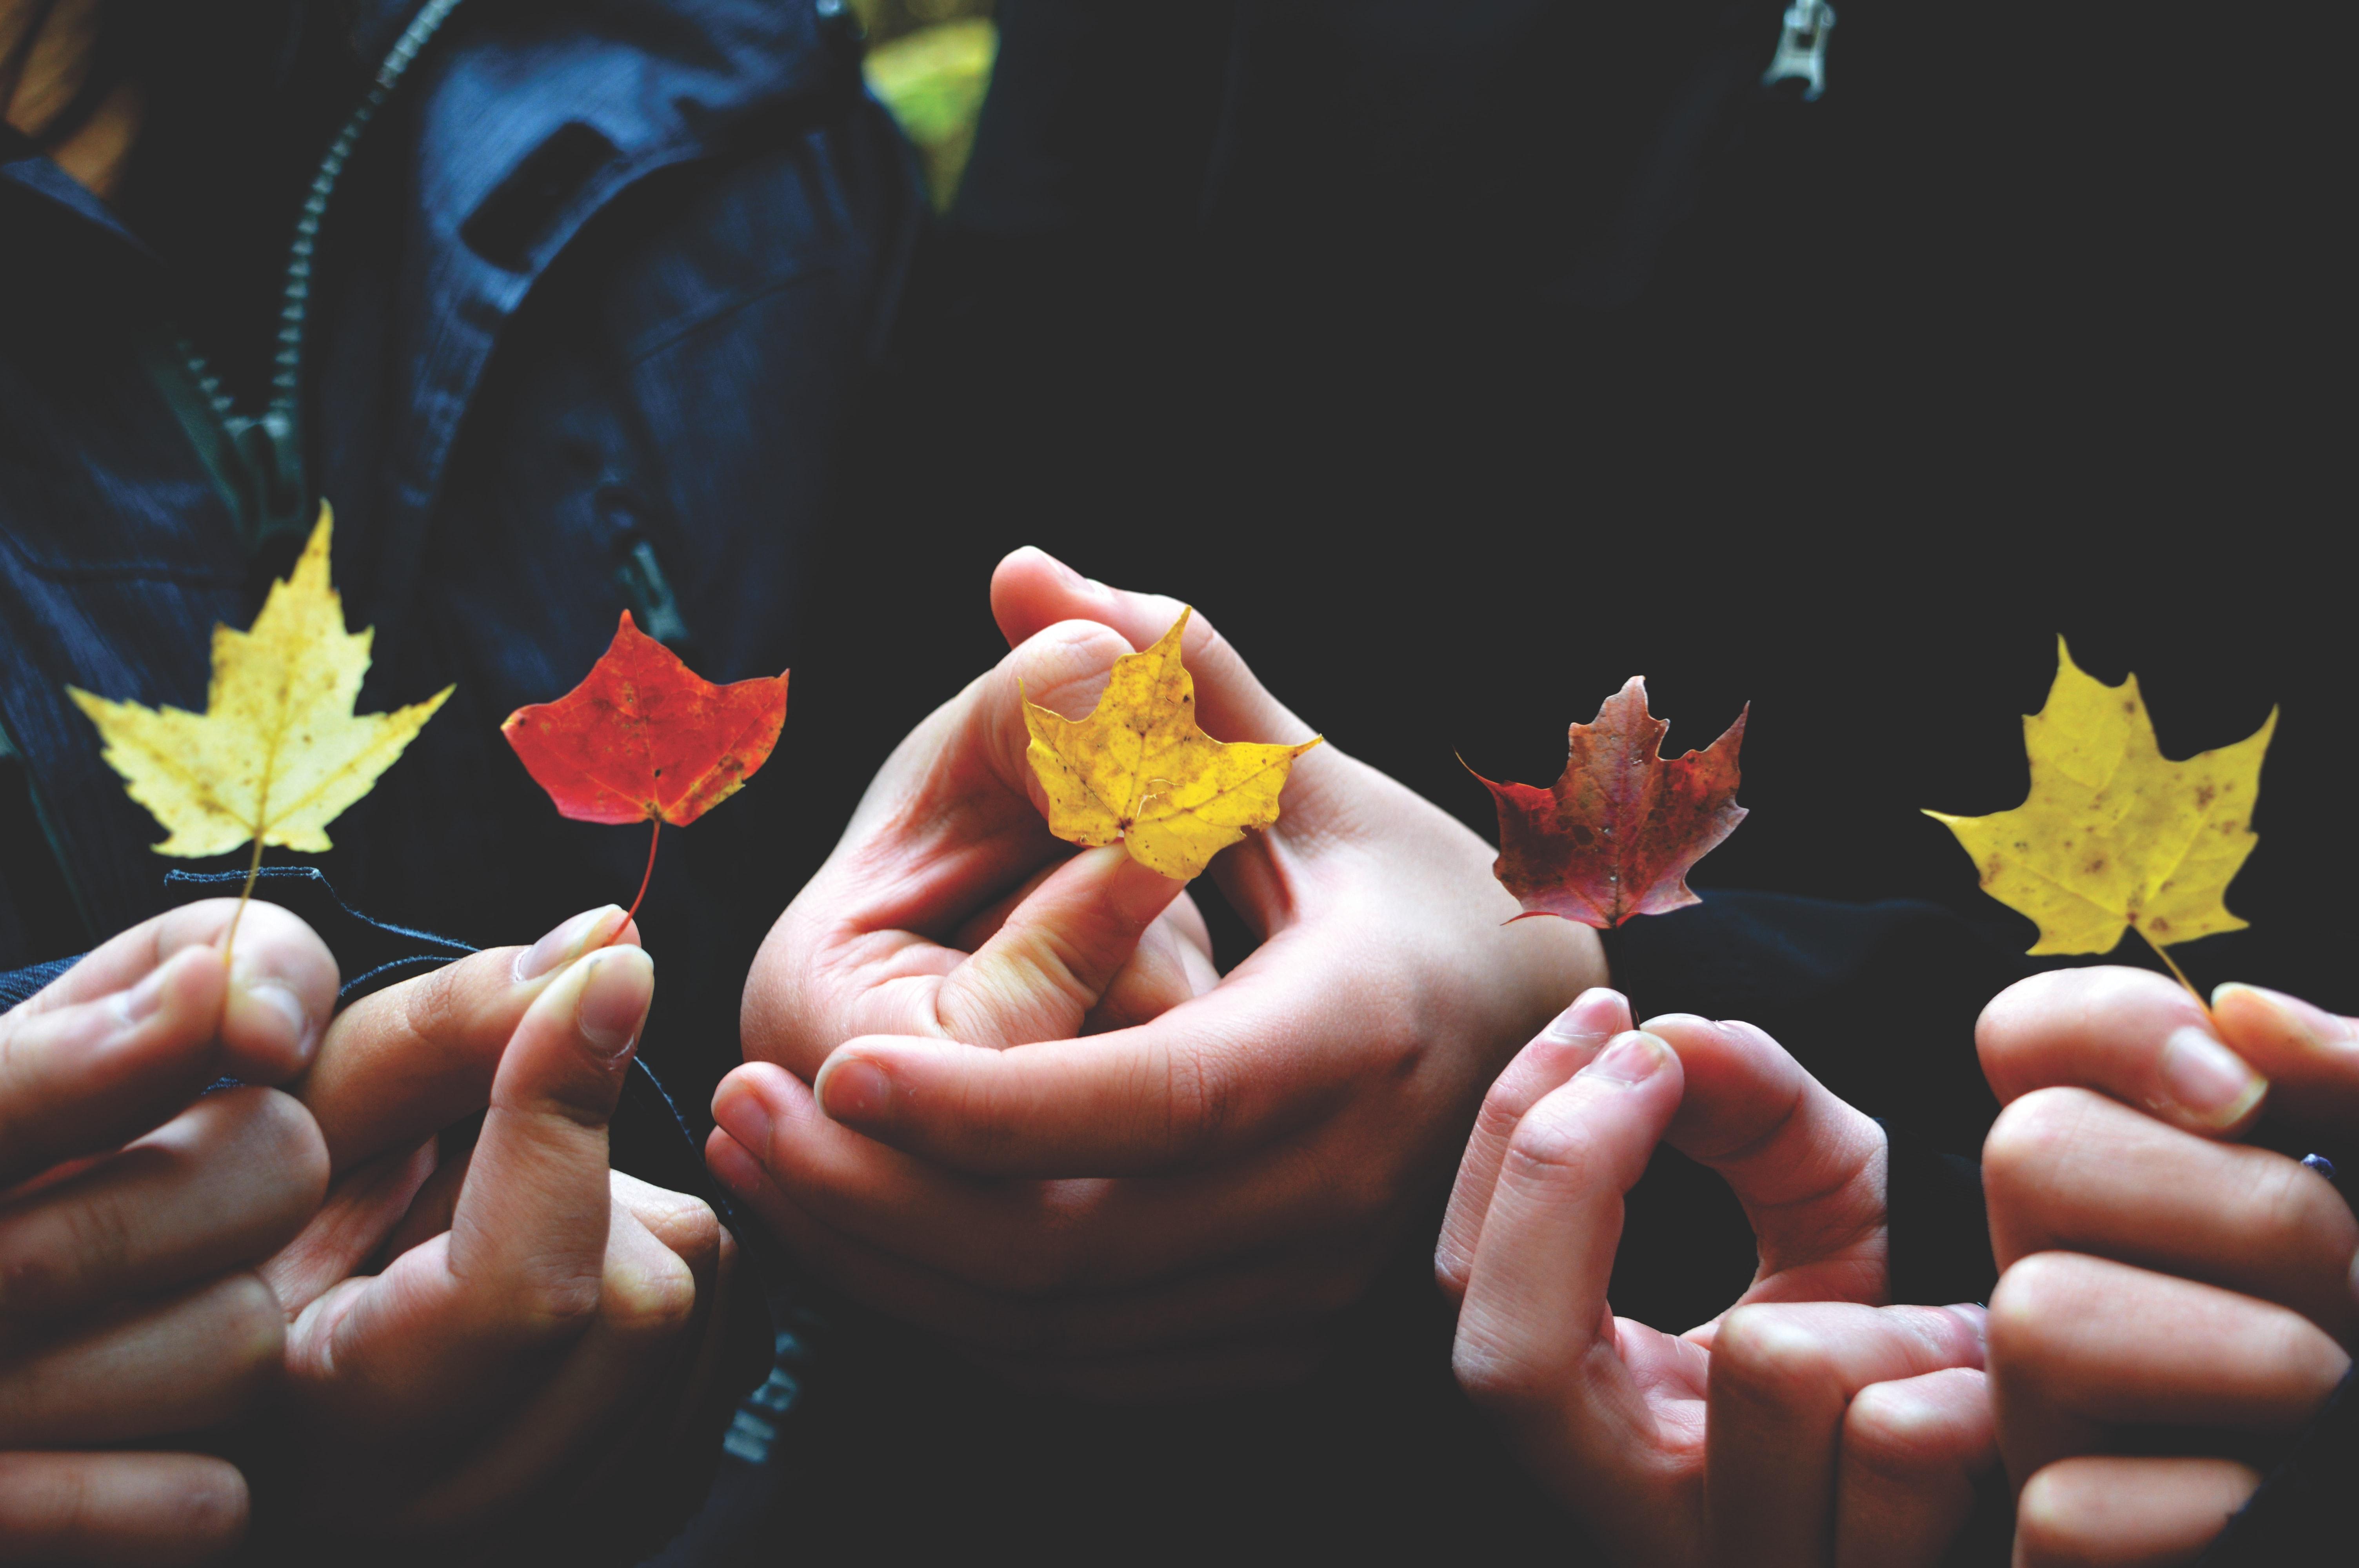 Hände halten Laubblätter, Foto von Providence Doucet bei Unsplash